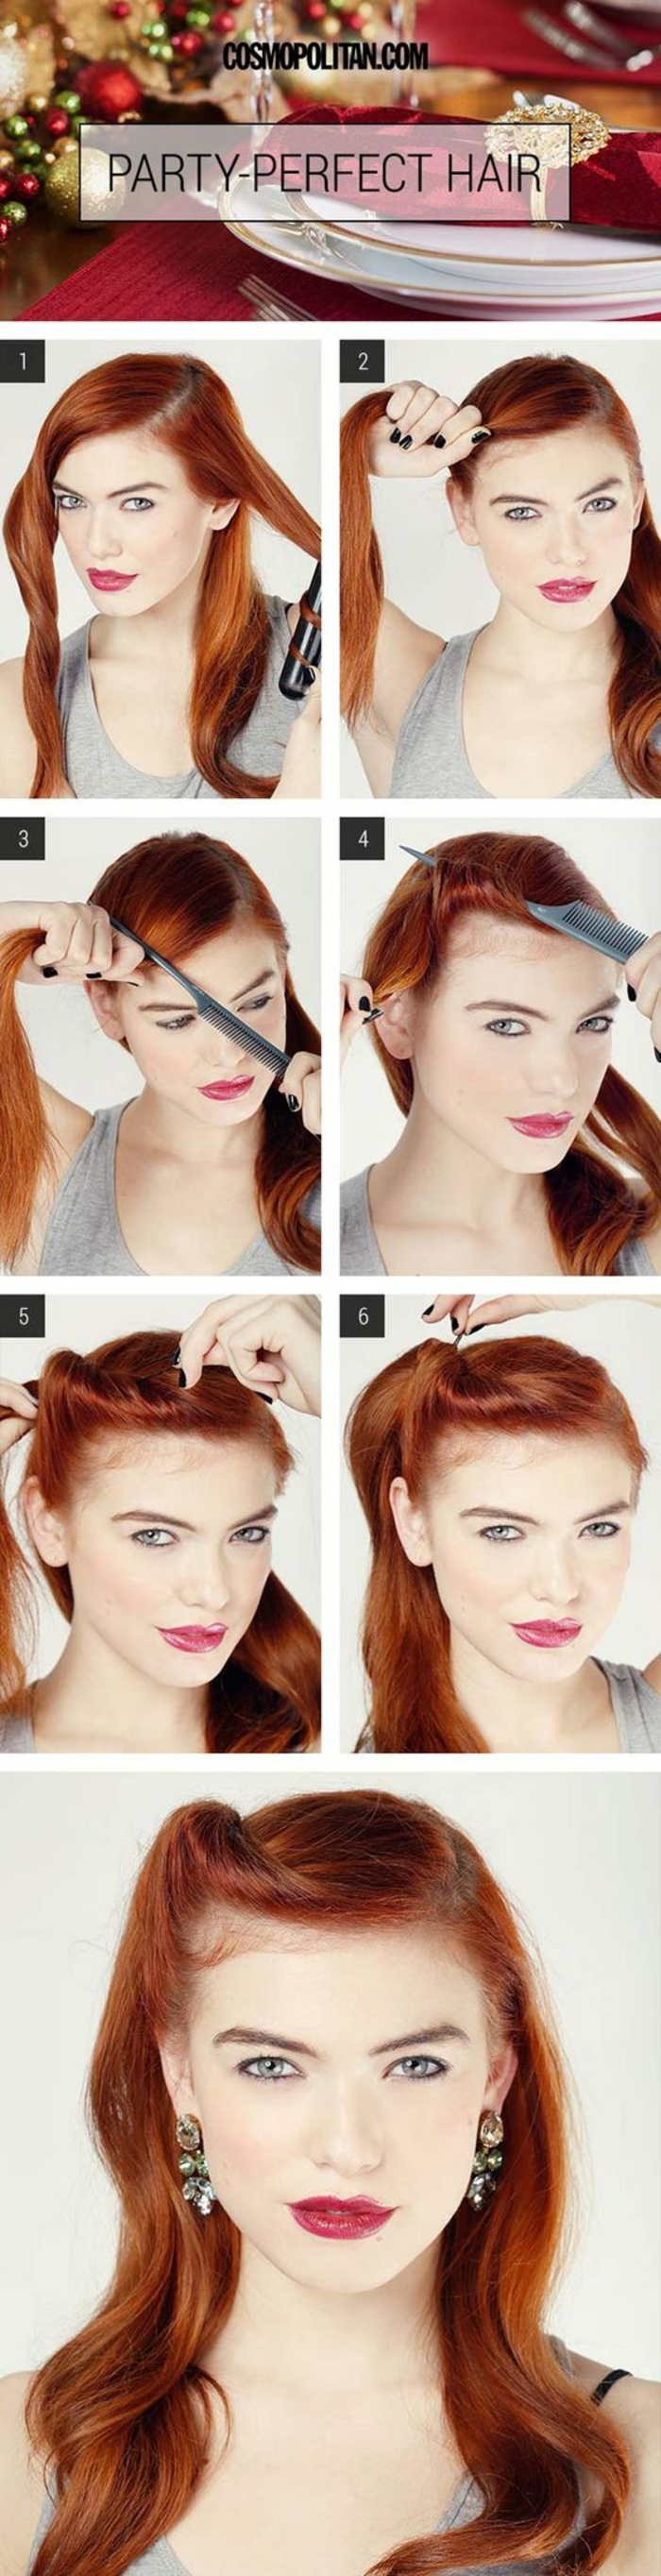 Party-Frisur Schritt-für-Schritt Anleitung für lange Haare, Retro-Frisur mit Haarklammern